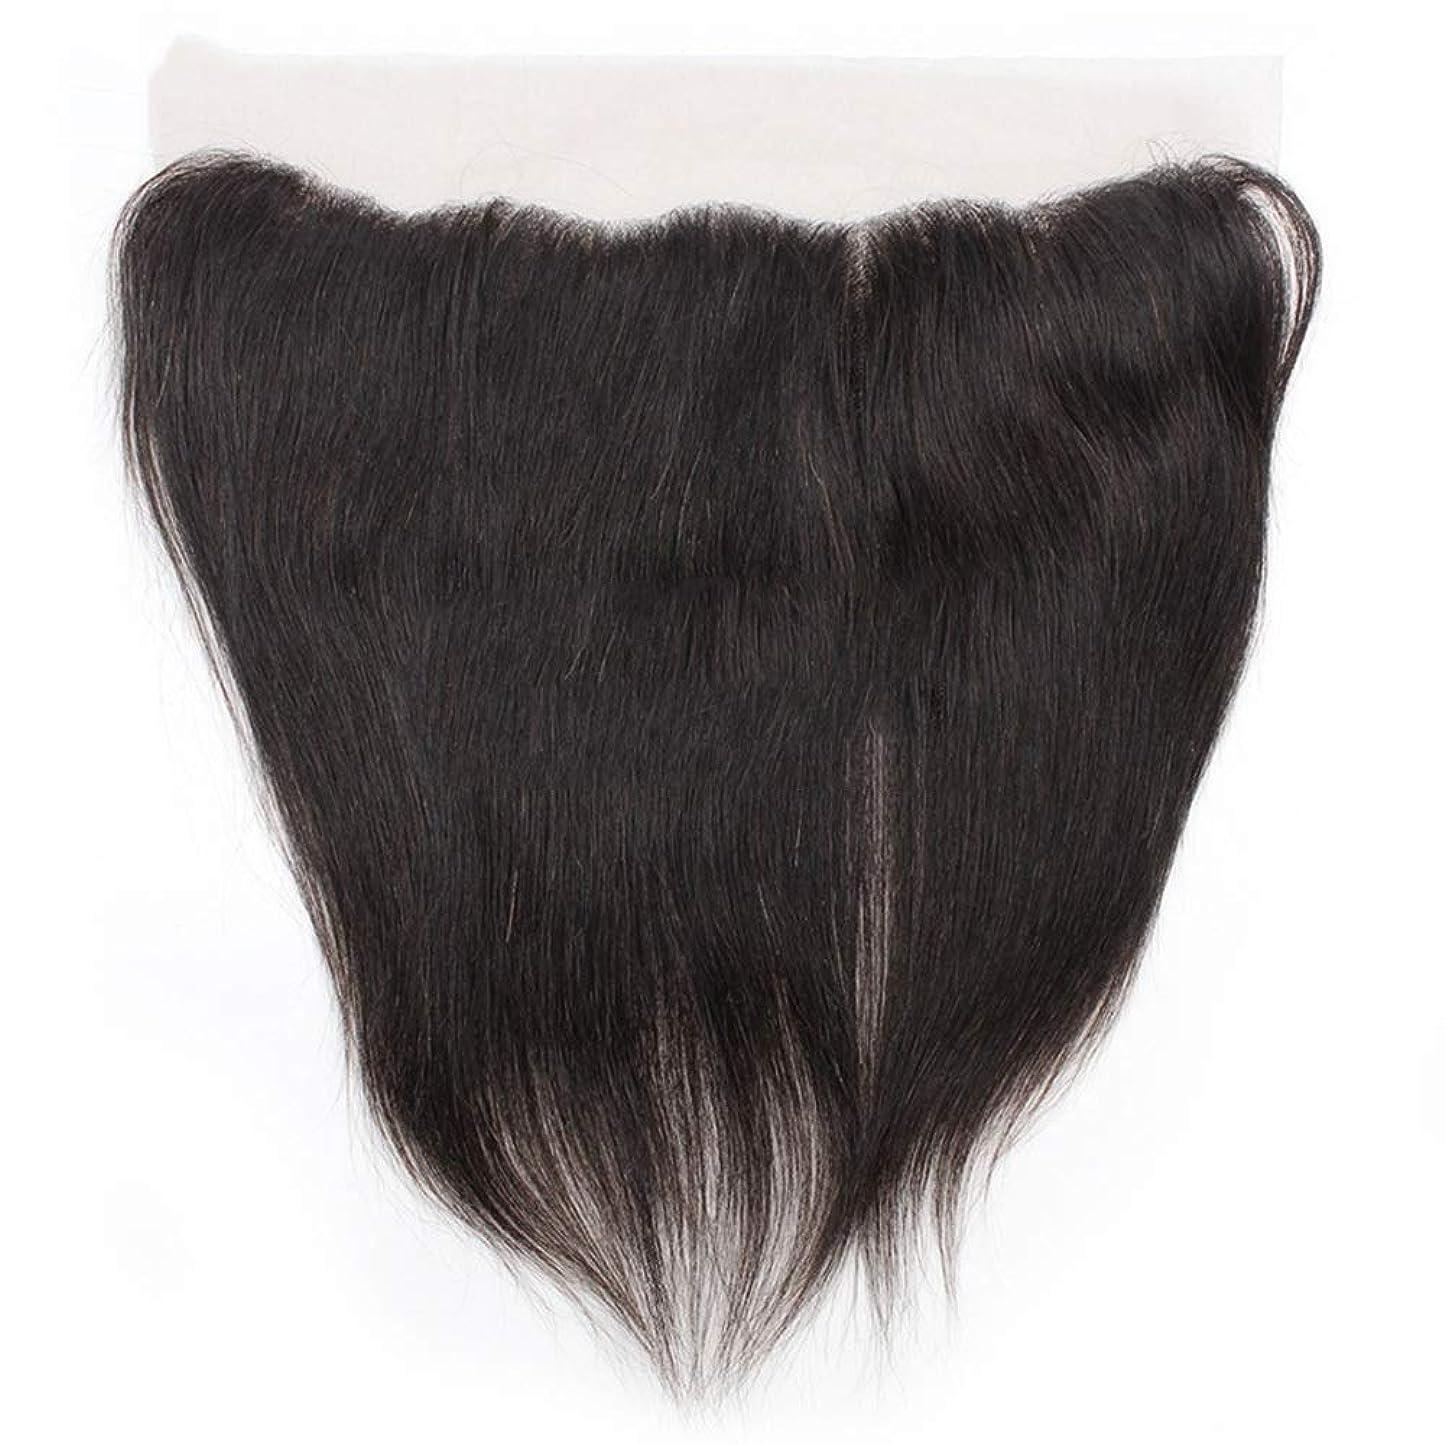 うまれた教えるシャツYrattary 絹のような長いレースの閉鎖ストレートヘアレース前頭9Aブラジル髪の耳から耳への13 x 4自由な部分の人間の毛髪の自然な色の人工毛レースのかつらロールプレイングかつら長くて短い女性自然 (色 : 黒, サイズ : 10 inch)